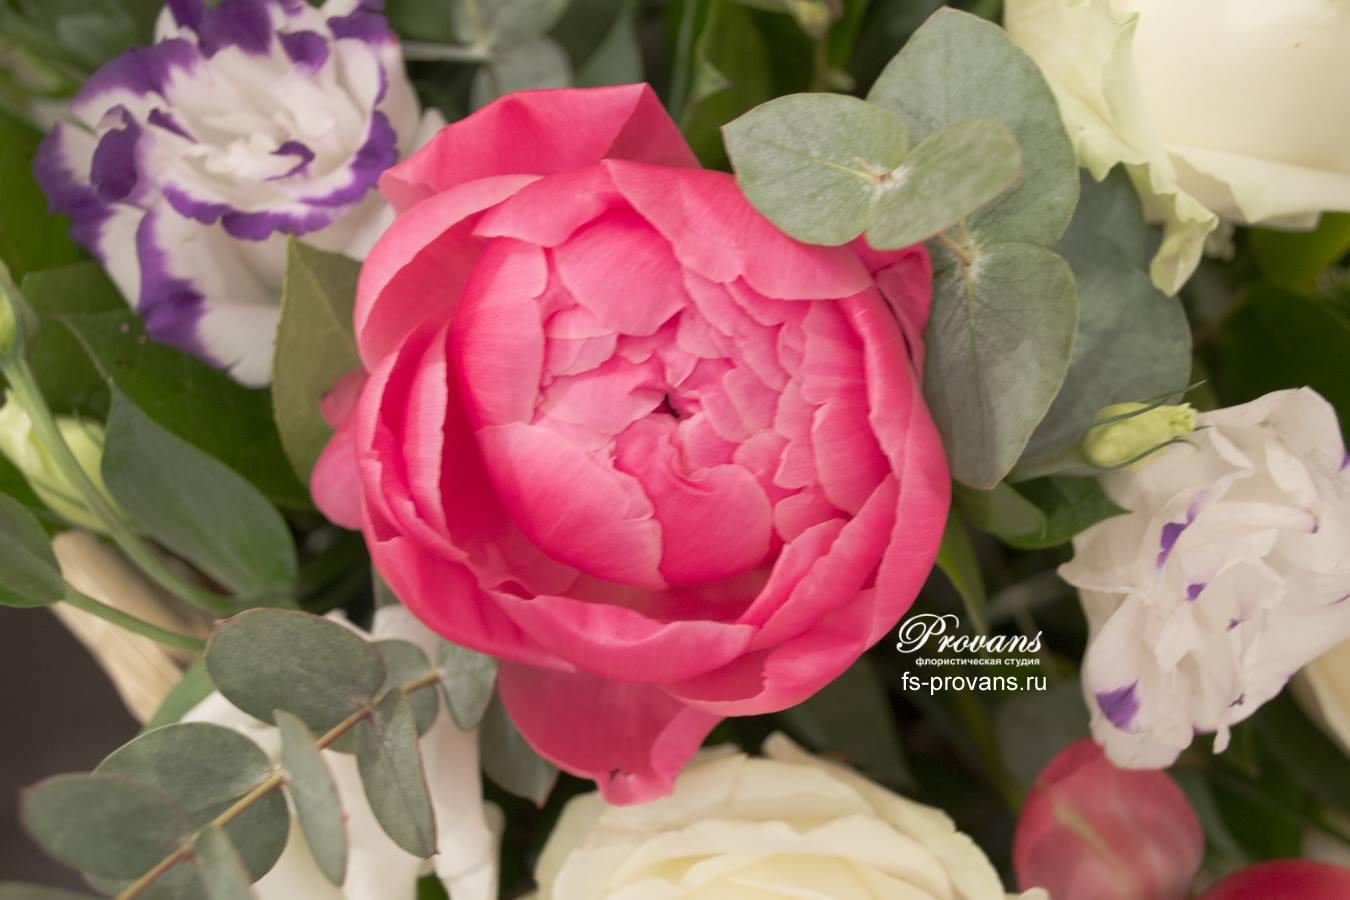 Корзинка с цветами. Пионы, эустома, роза